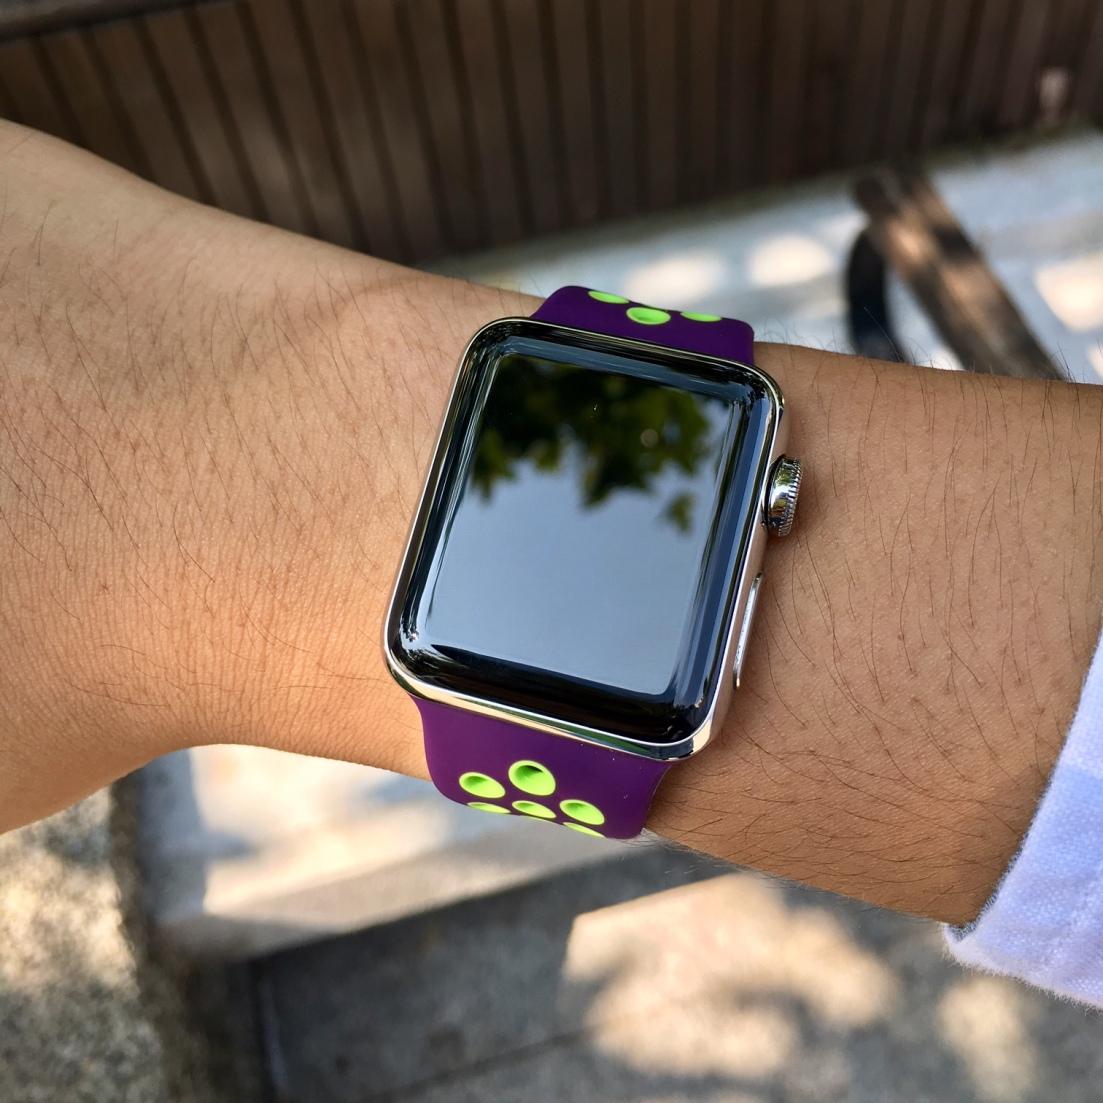 nike-band-purple-green-4